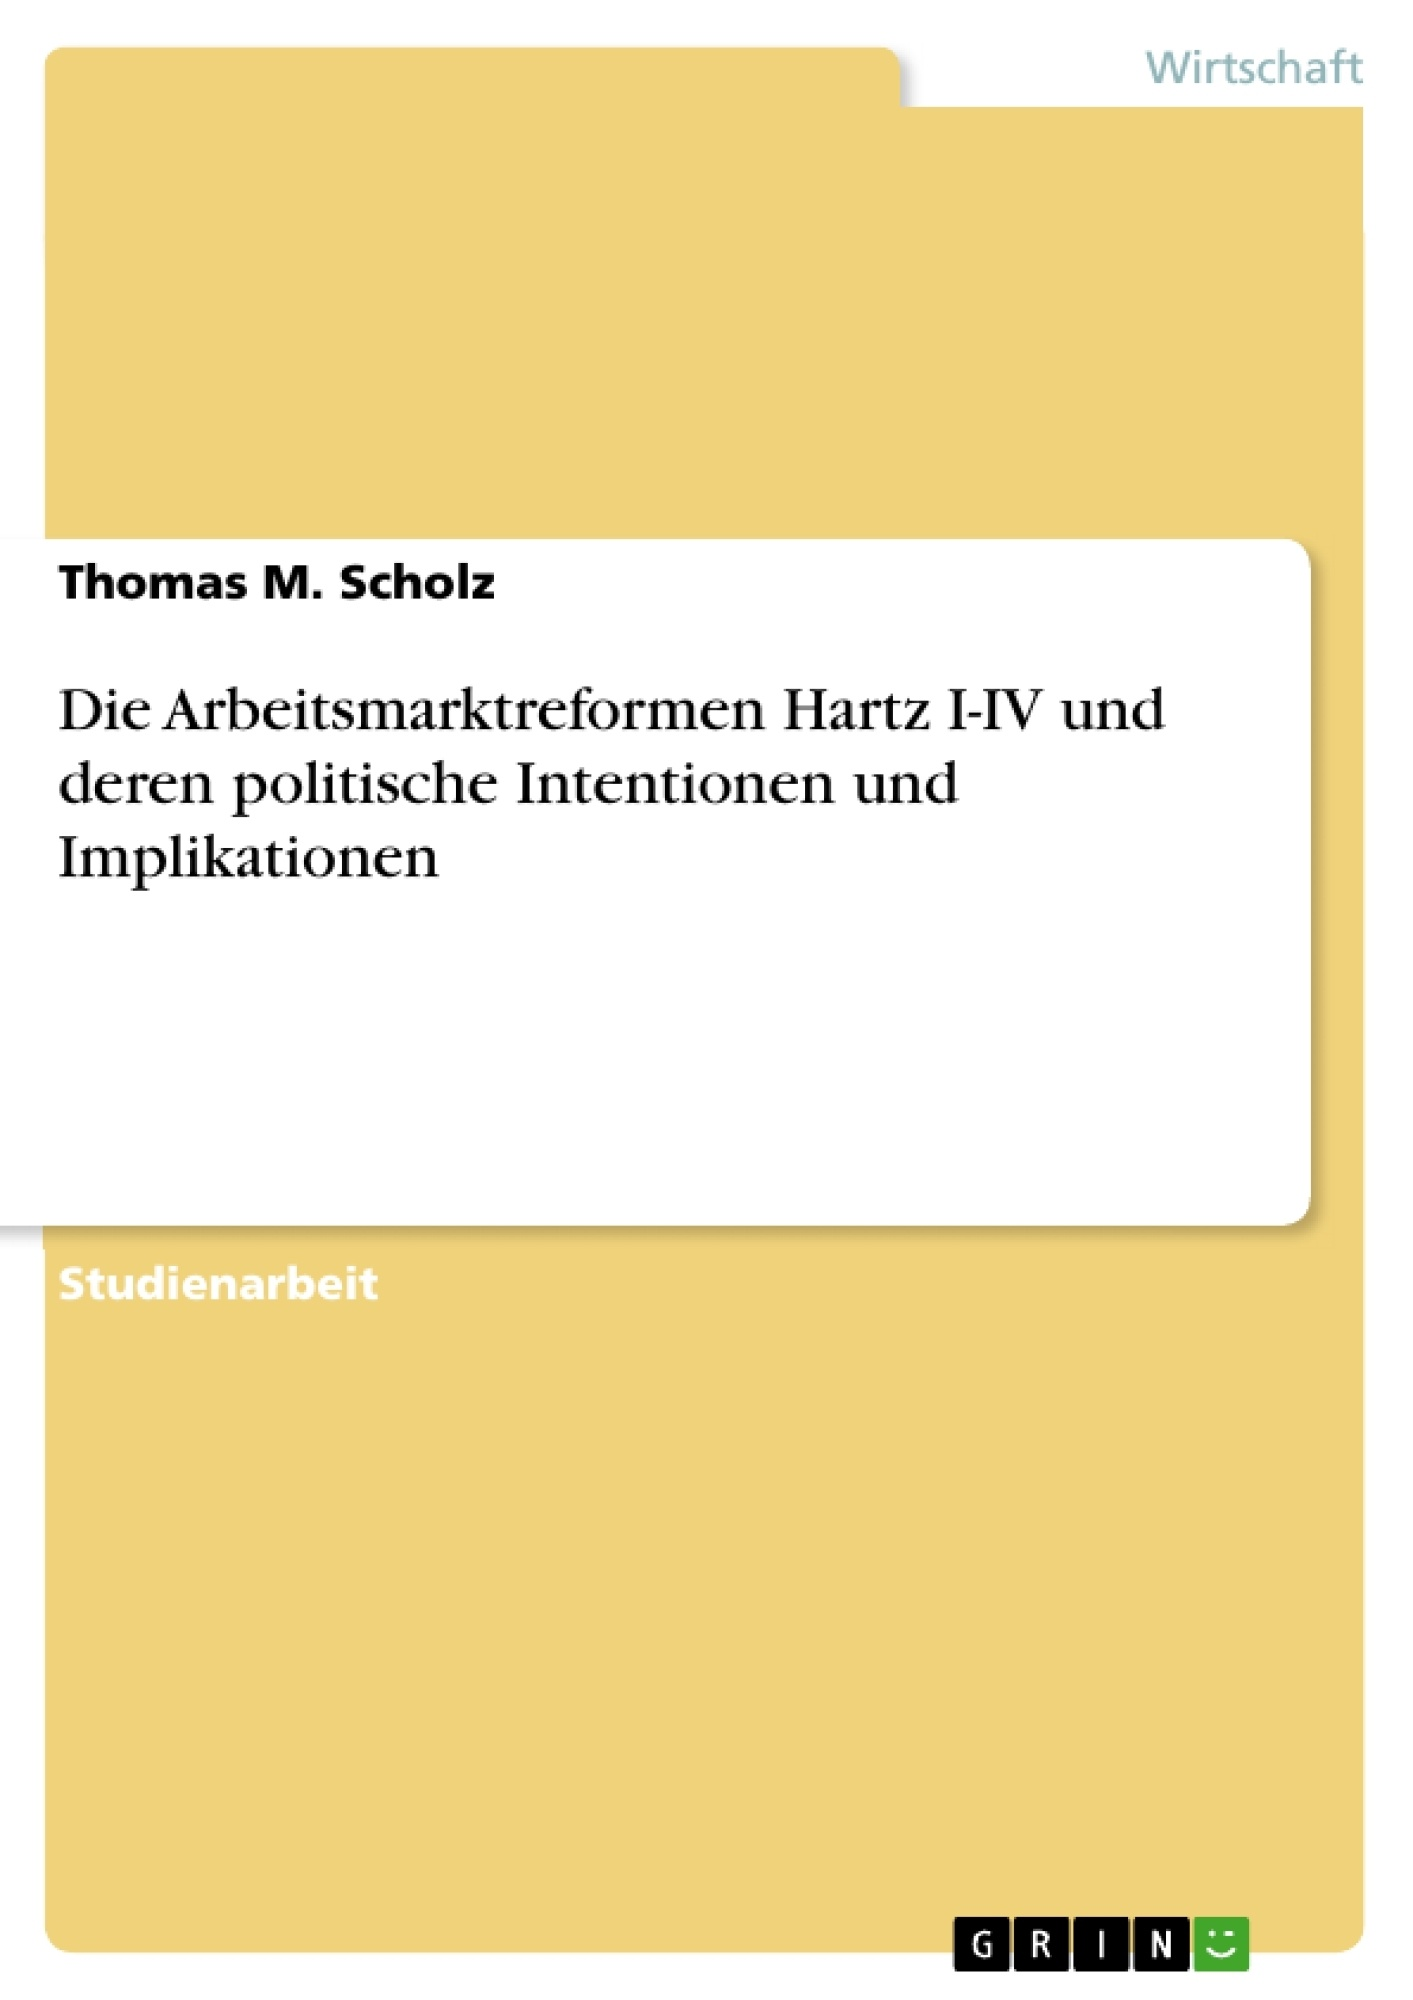 Titel: Die Arbeitsmarktreformen Hartz I-IV und deren politische Intentionen und Implikationen